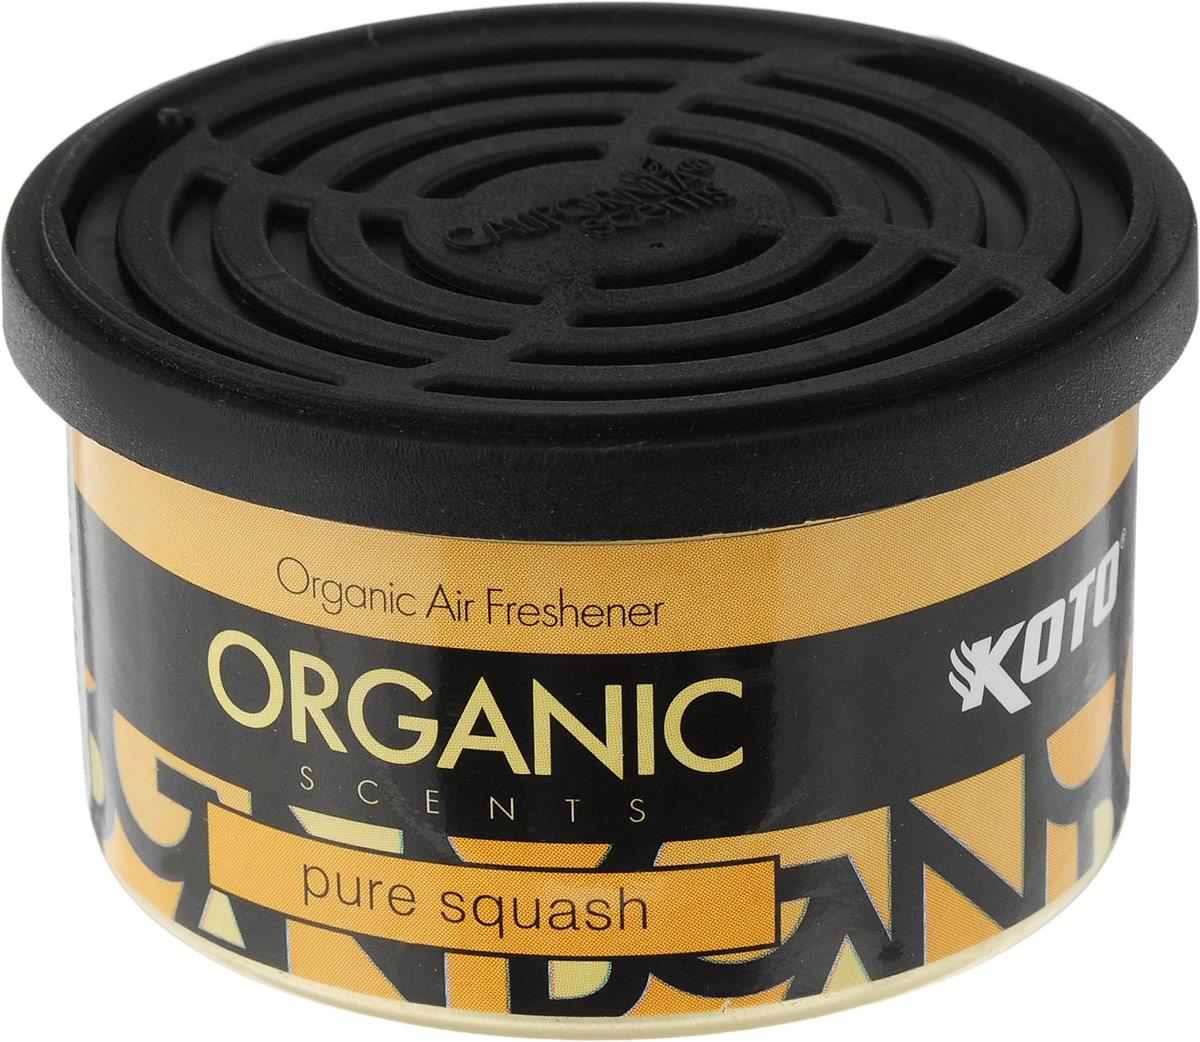 Ароматизатор автомобильный Koto Organic, чистый сквошK-1010Автомобильный ароматизатор Koto Organic эффективно устраняет неприятные запахи и придает приятный аромат сквоша.Внутри - органический наполнитель, который не растекается и не вредит окружающей среде. Ароматизатор имеет удобную крышку-регулятор, так что интенсивность аромата вы сможете настроить сами. Стойкий аромат держится около 60 дней. Ароматизатор может быть расположен как на приборной панели, так и под сиденьем автомобиля.Товар сертифицирован.